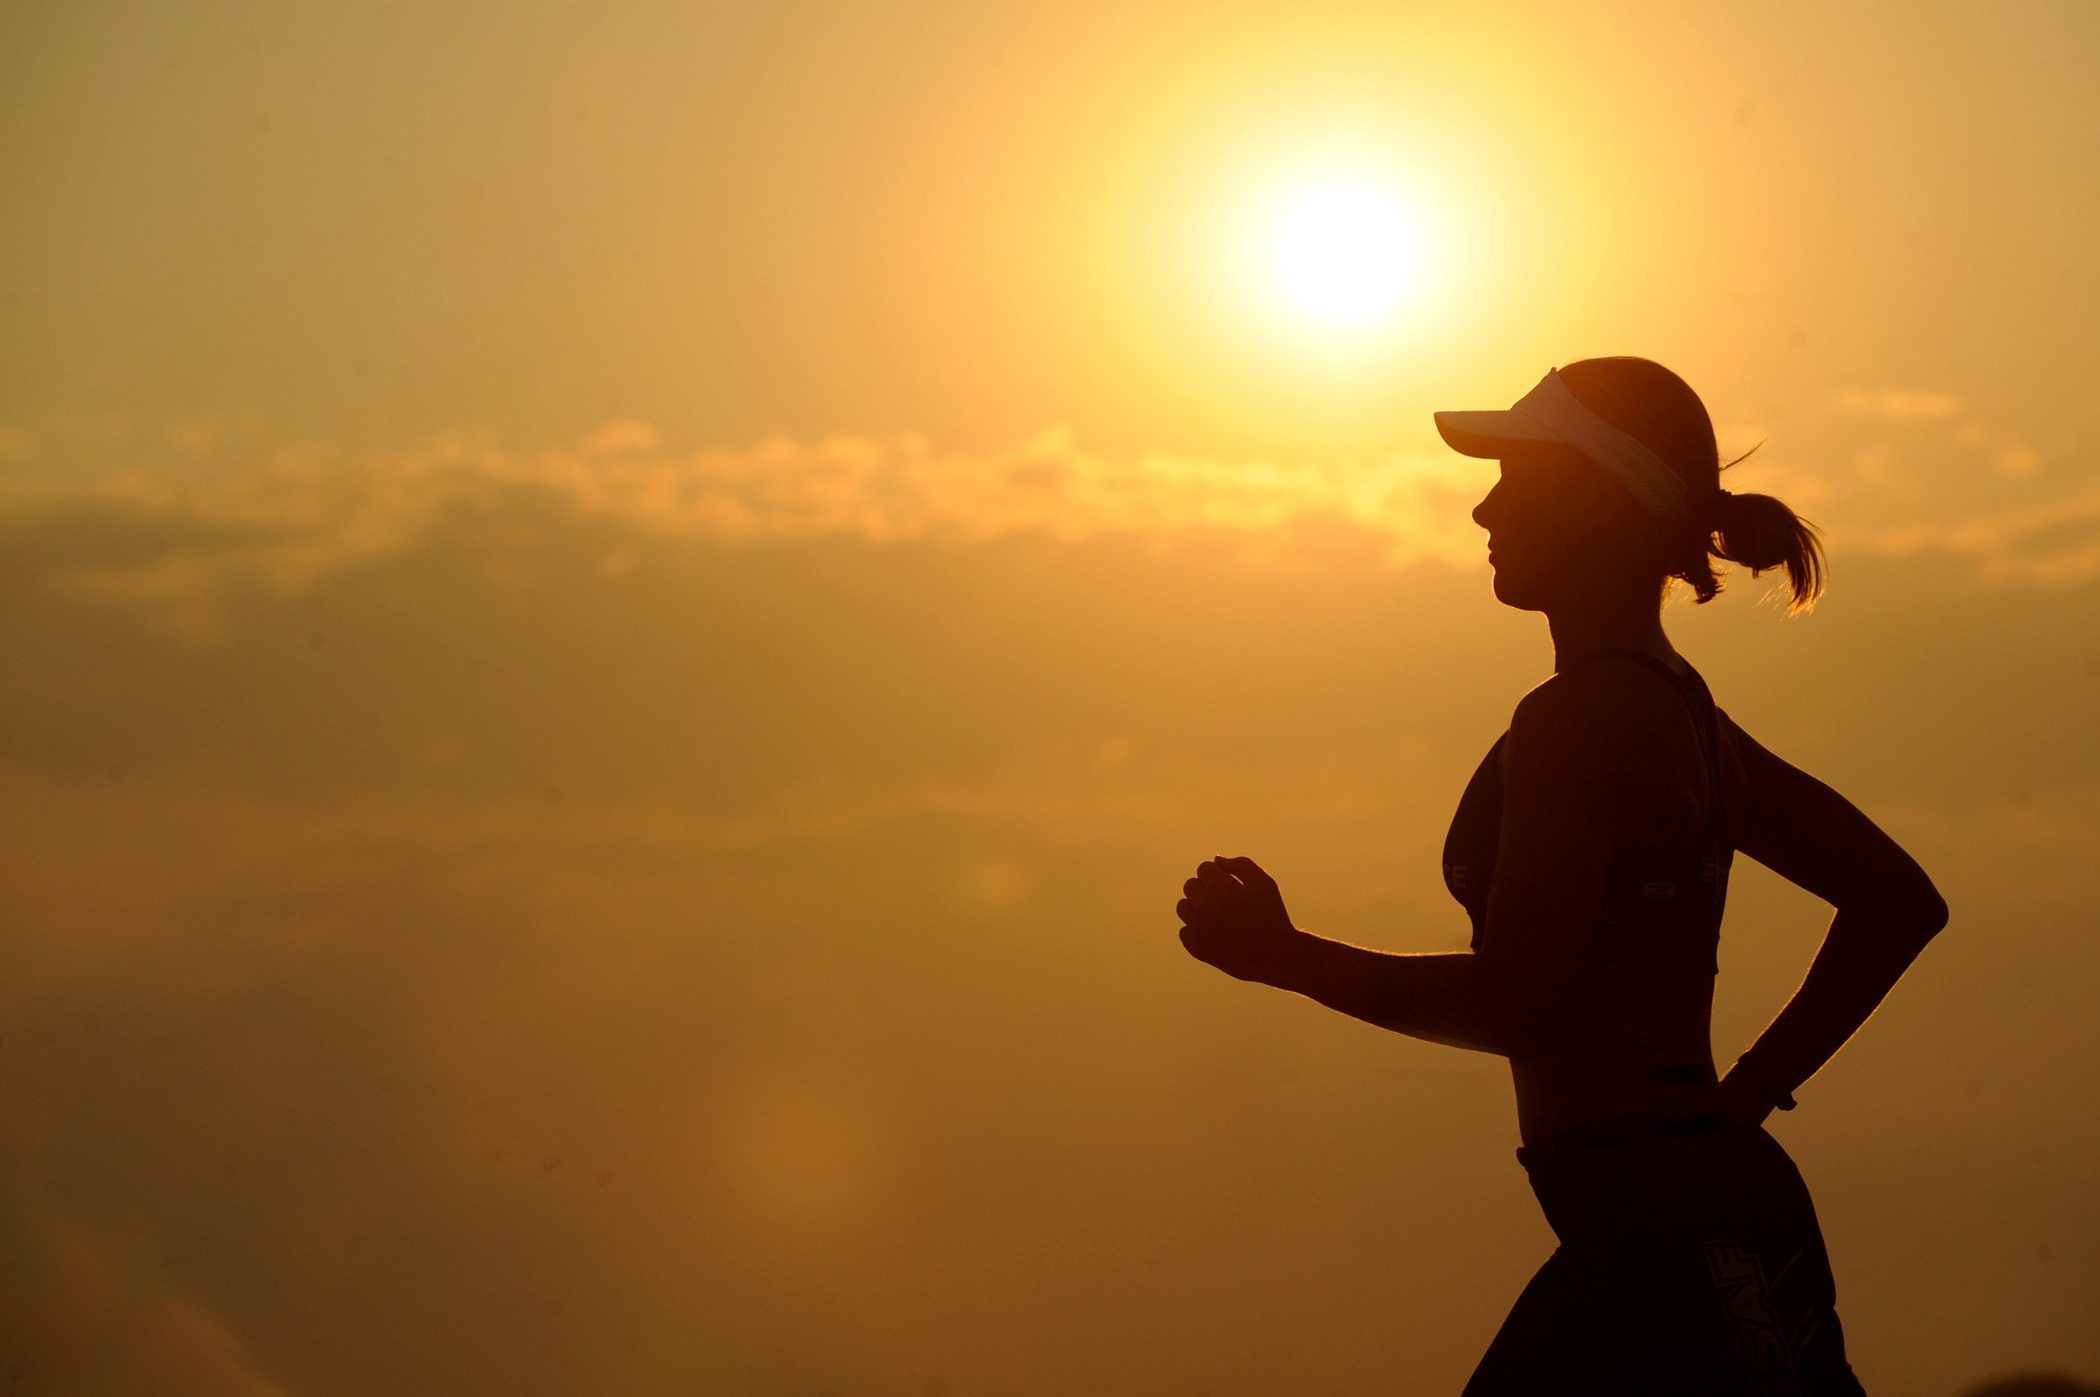 τρέξιμο για κάψιμο λίπους Να τρέχω γρήγορα ή αργά για να χάσω περισσότερο λίπος; 61